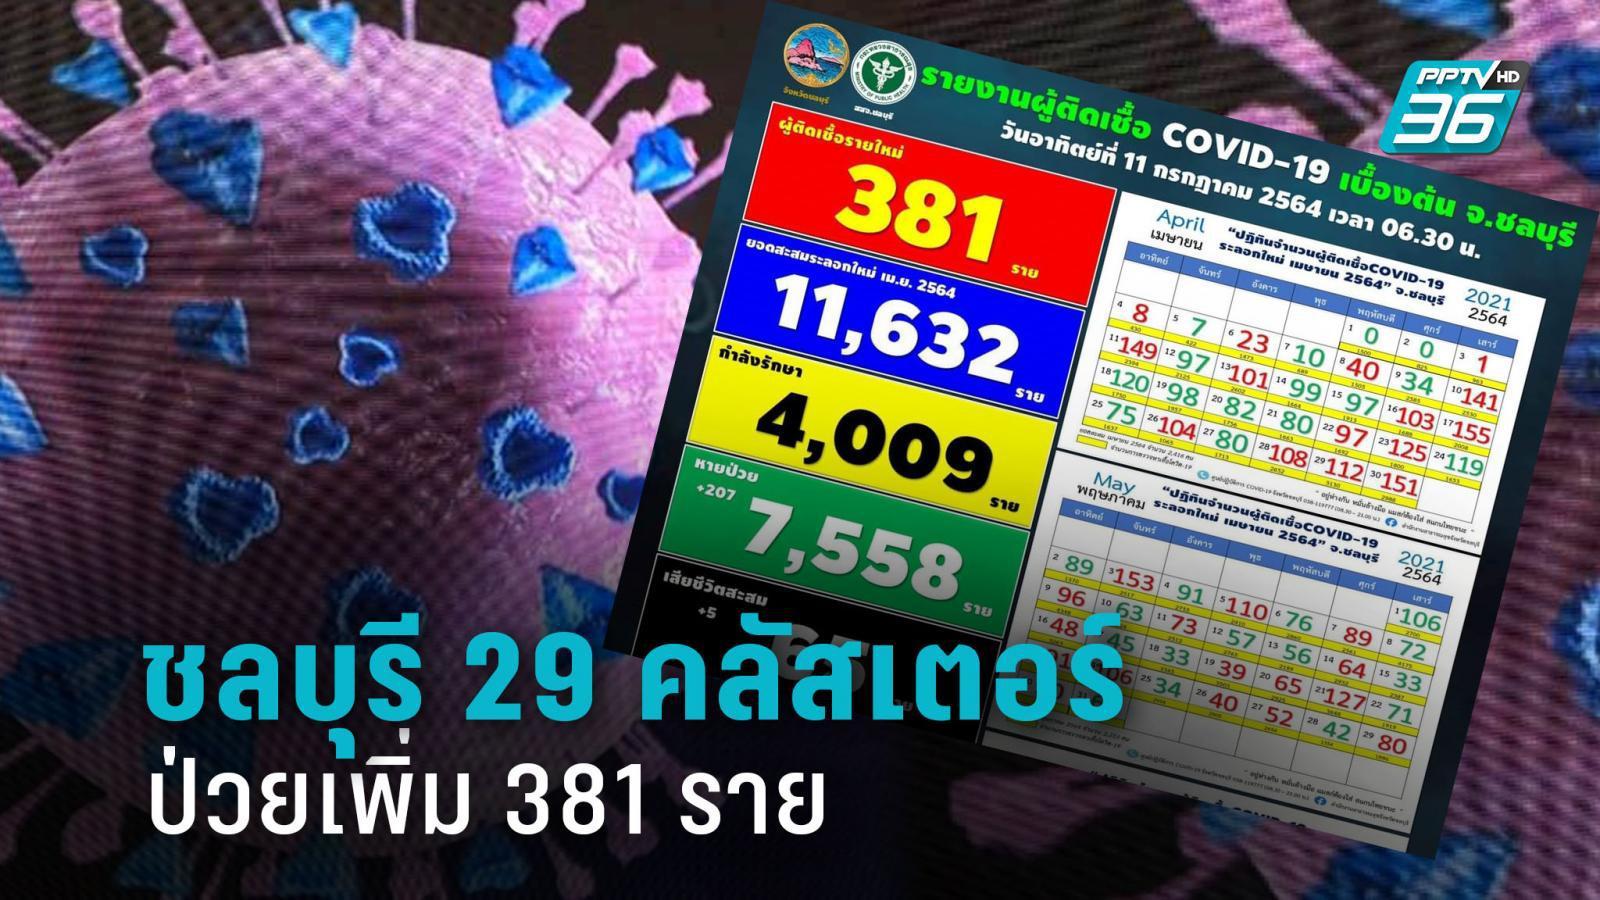 ยอดพุ่ง! ชลบุรีติดโควิด +381 ราย เปิดอีก 22 สถานที่เสี่ยงแพร่โรค